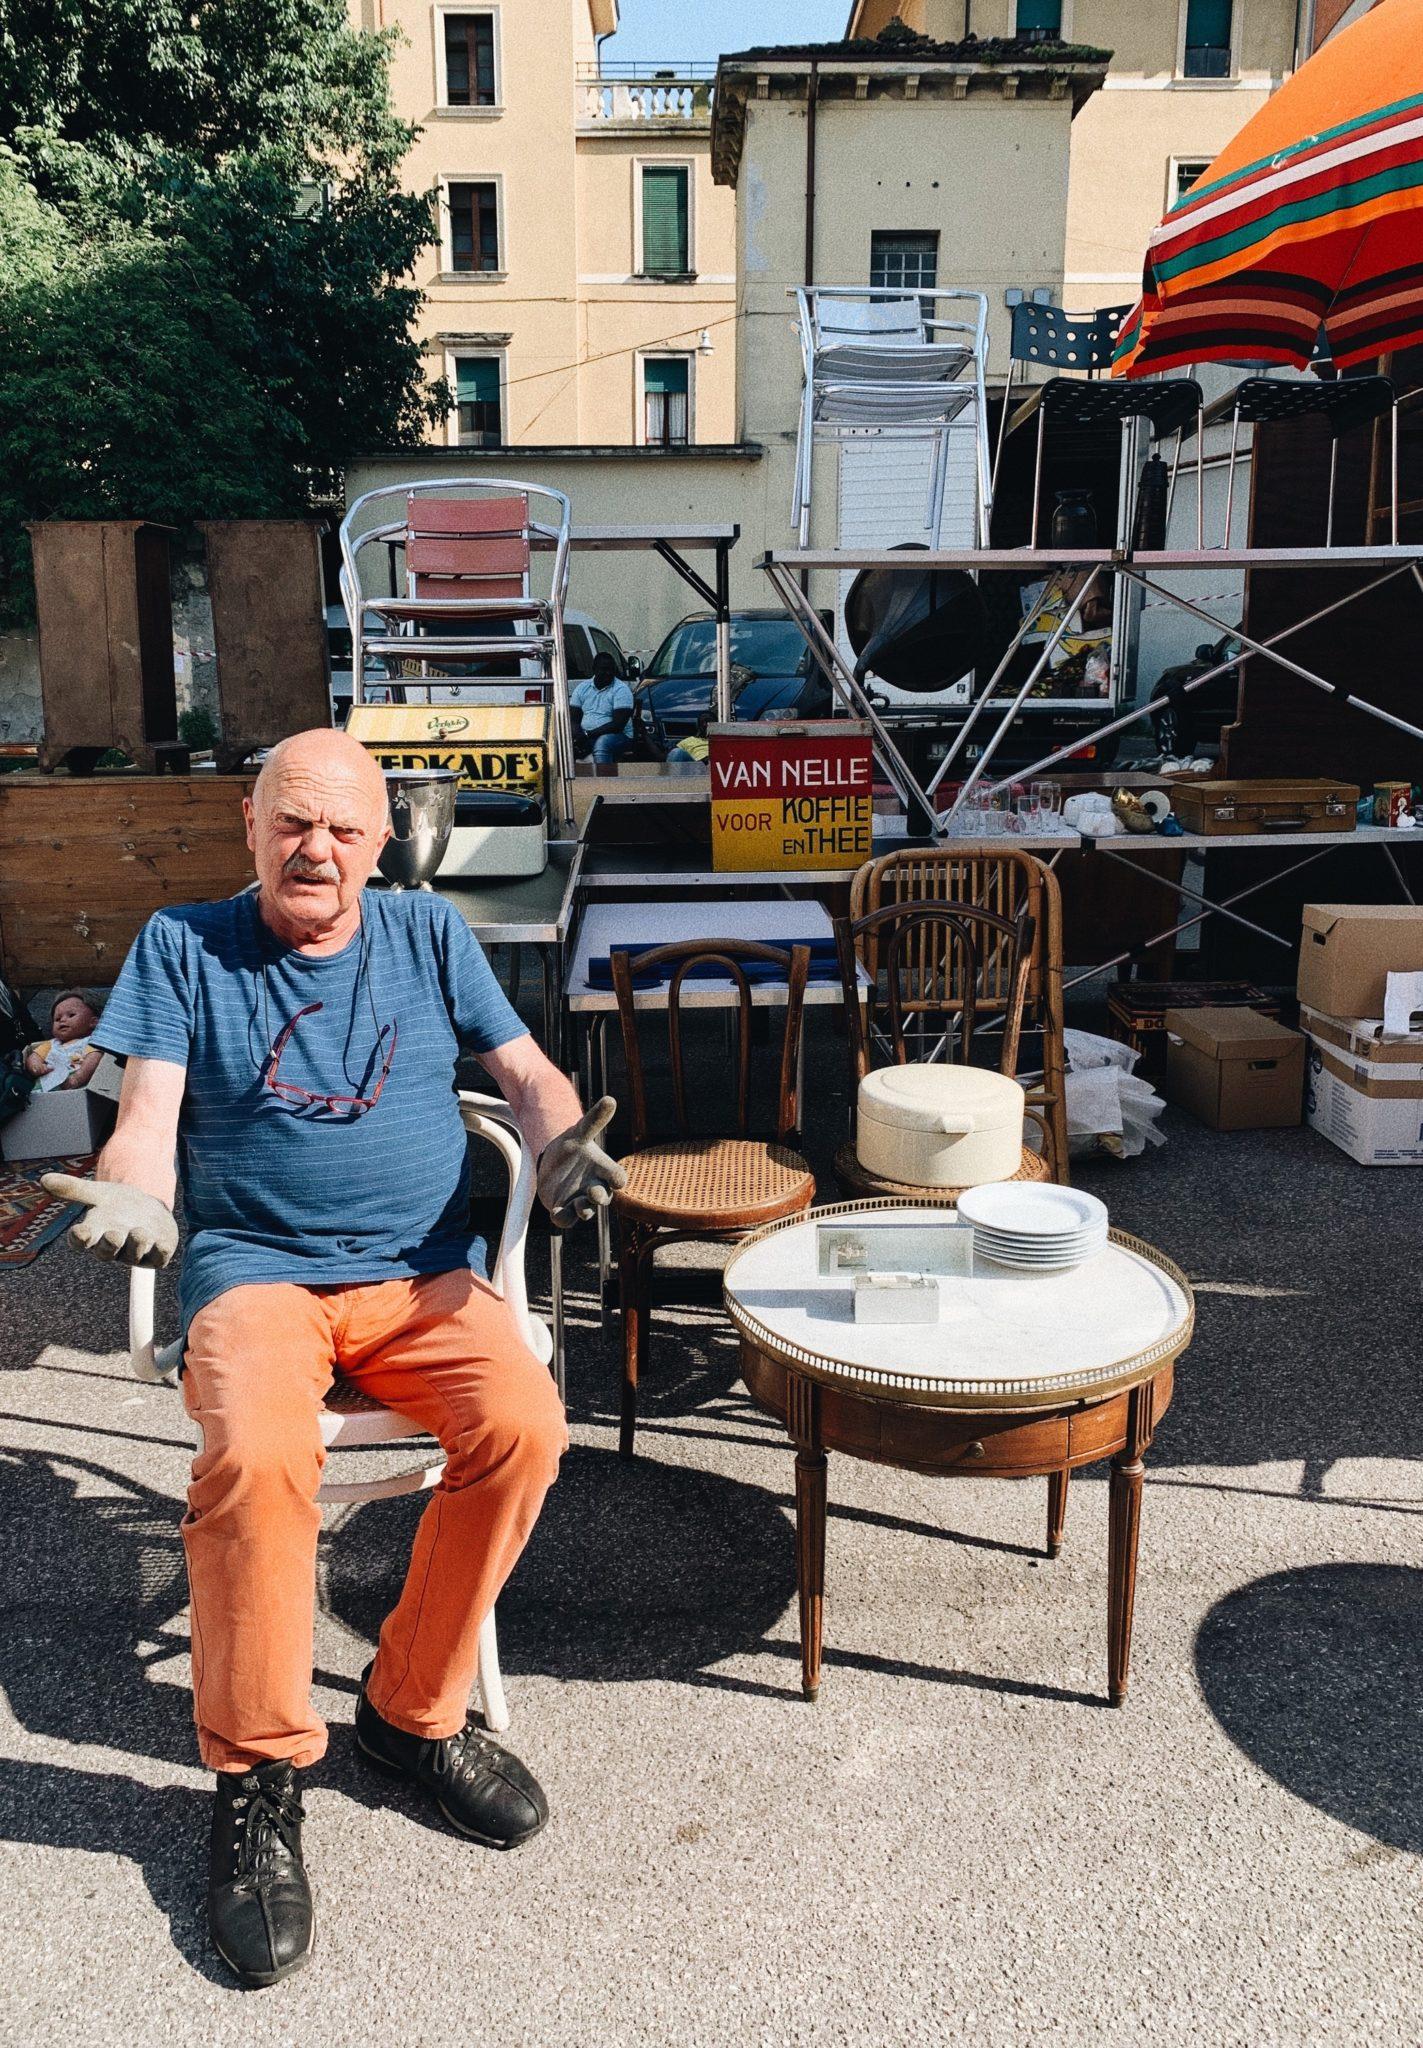 Ogni prima domenica del mese, in zona San Zeno, a pochi passi dal centro città c'è Verona Antiquaria, il mercato vintage tutto da scoprire